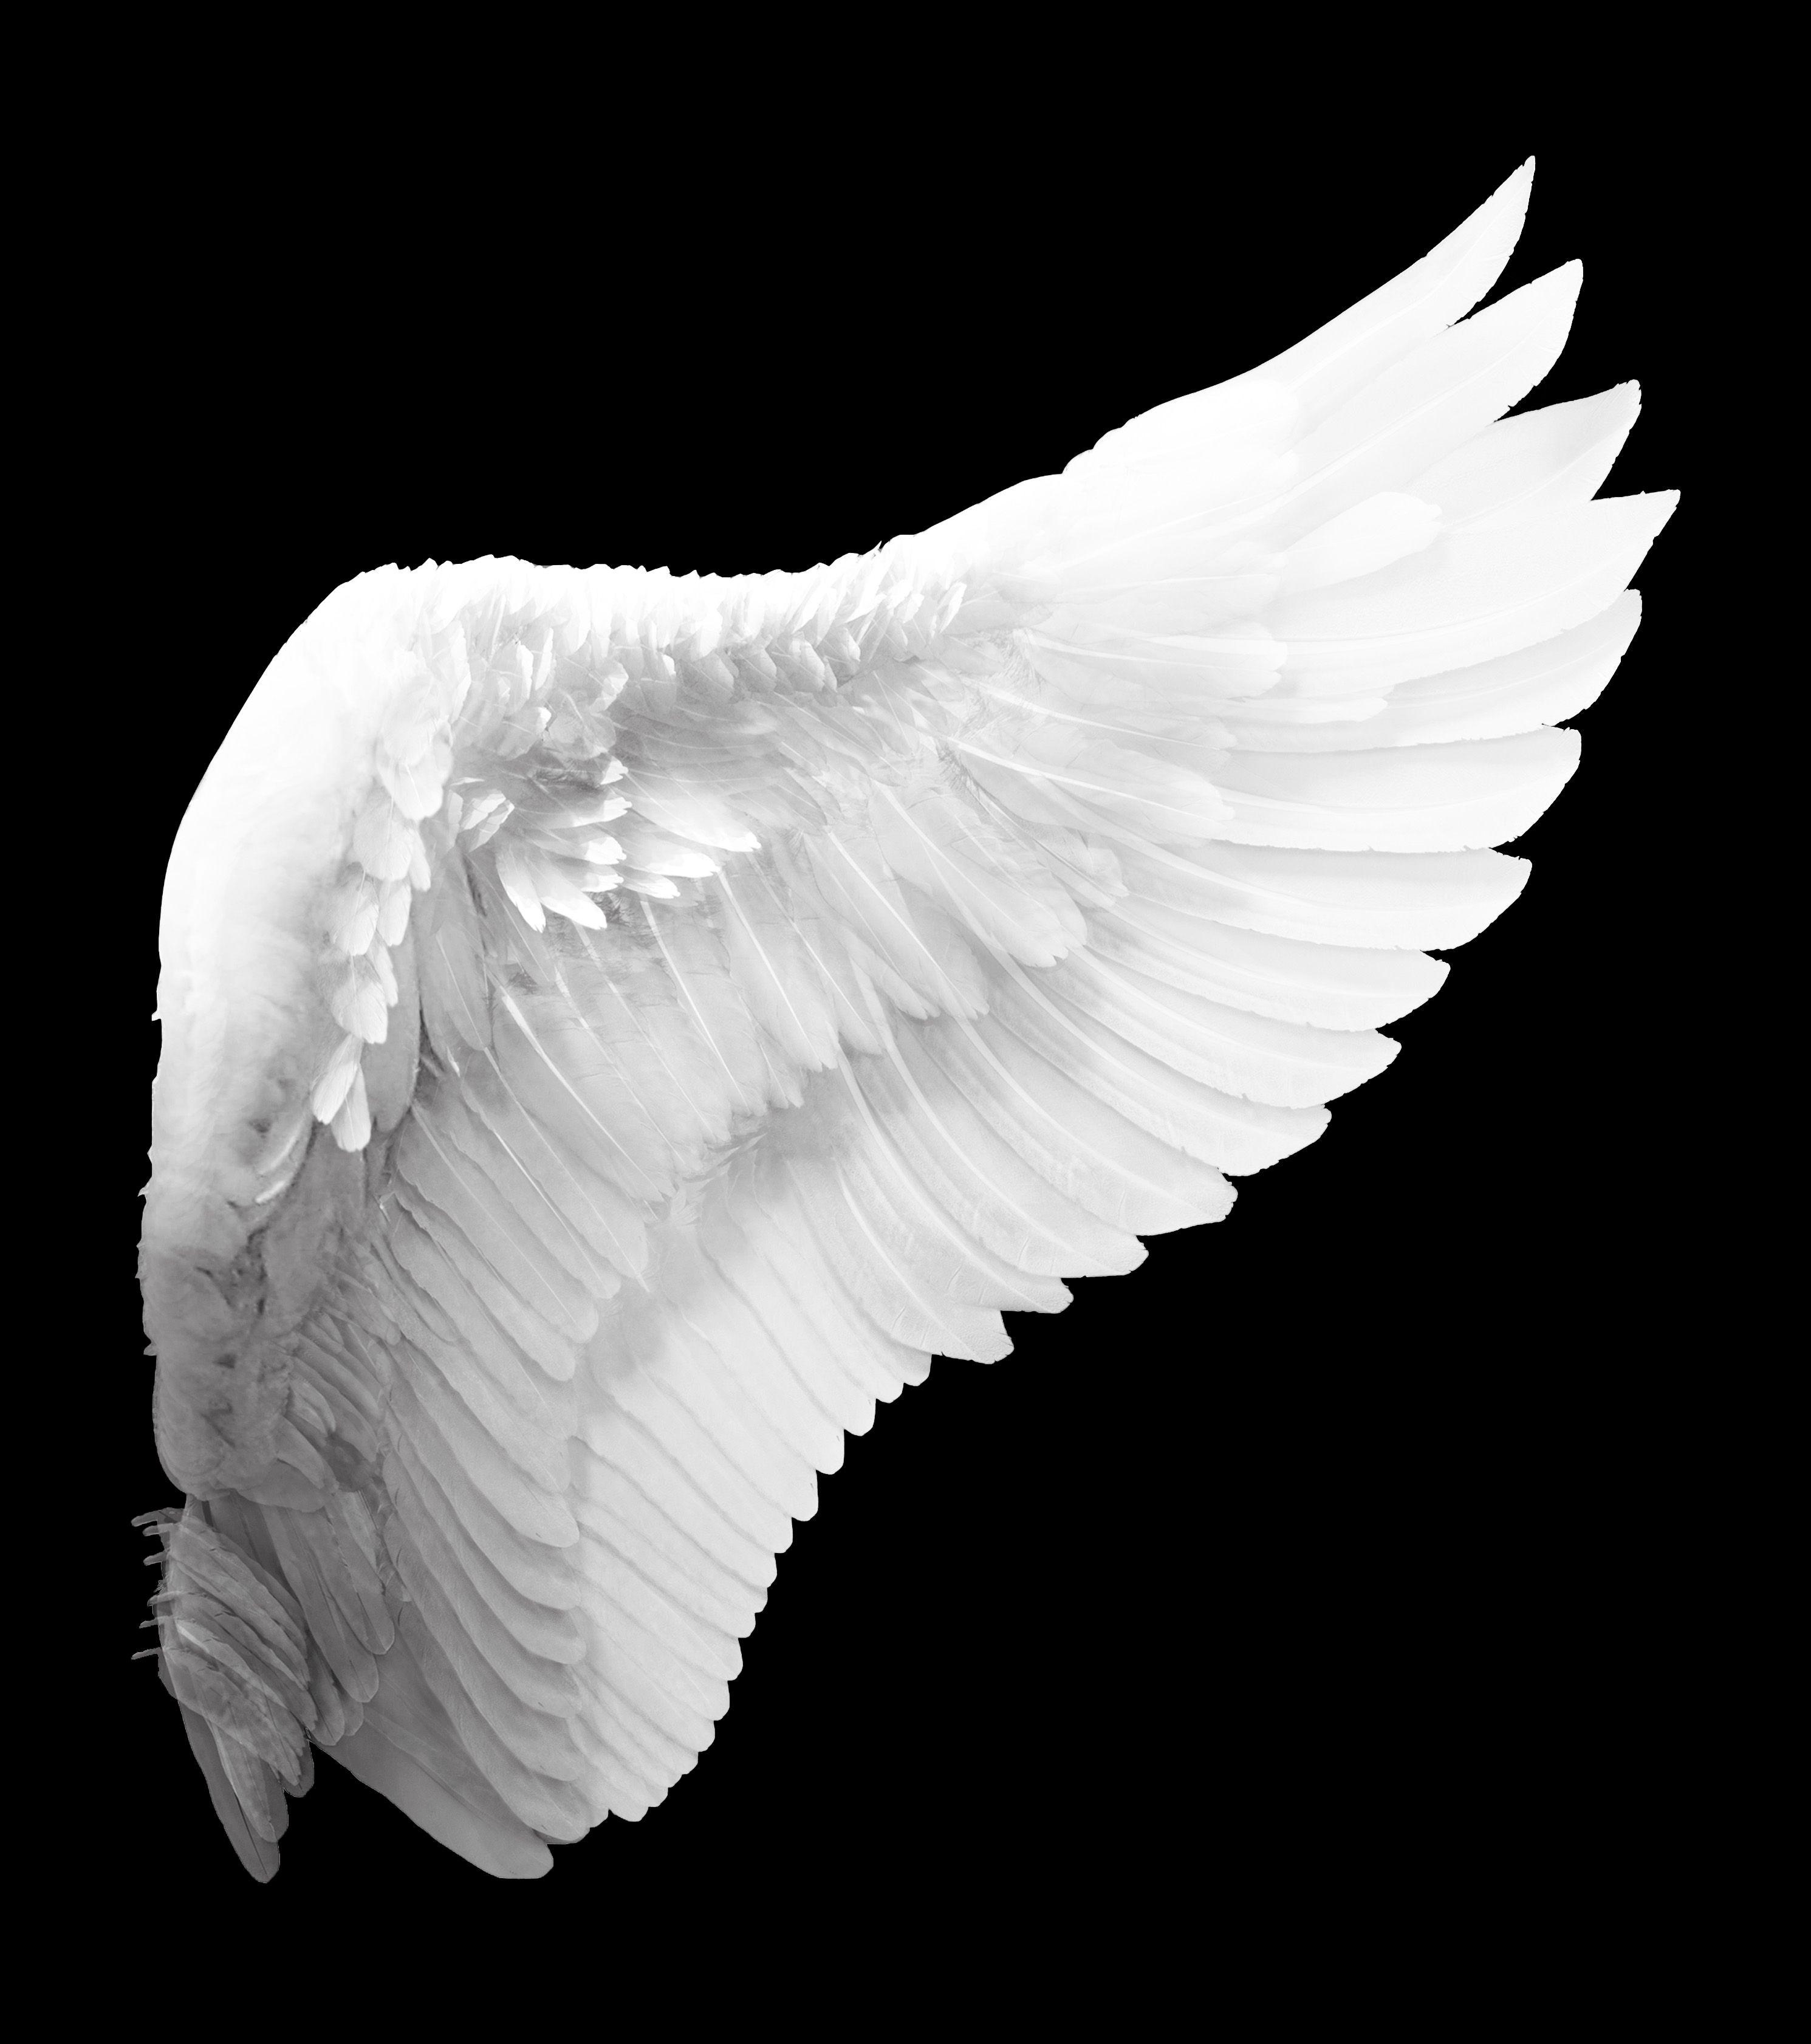 l686-1432587857-222089-full (2981×3364) | swan | Pinterest | Angel ...